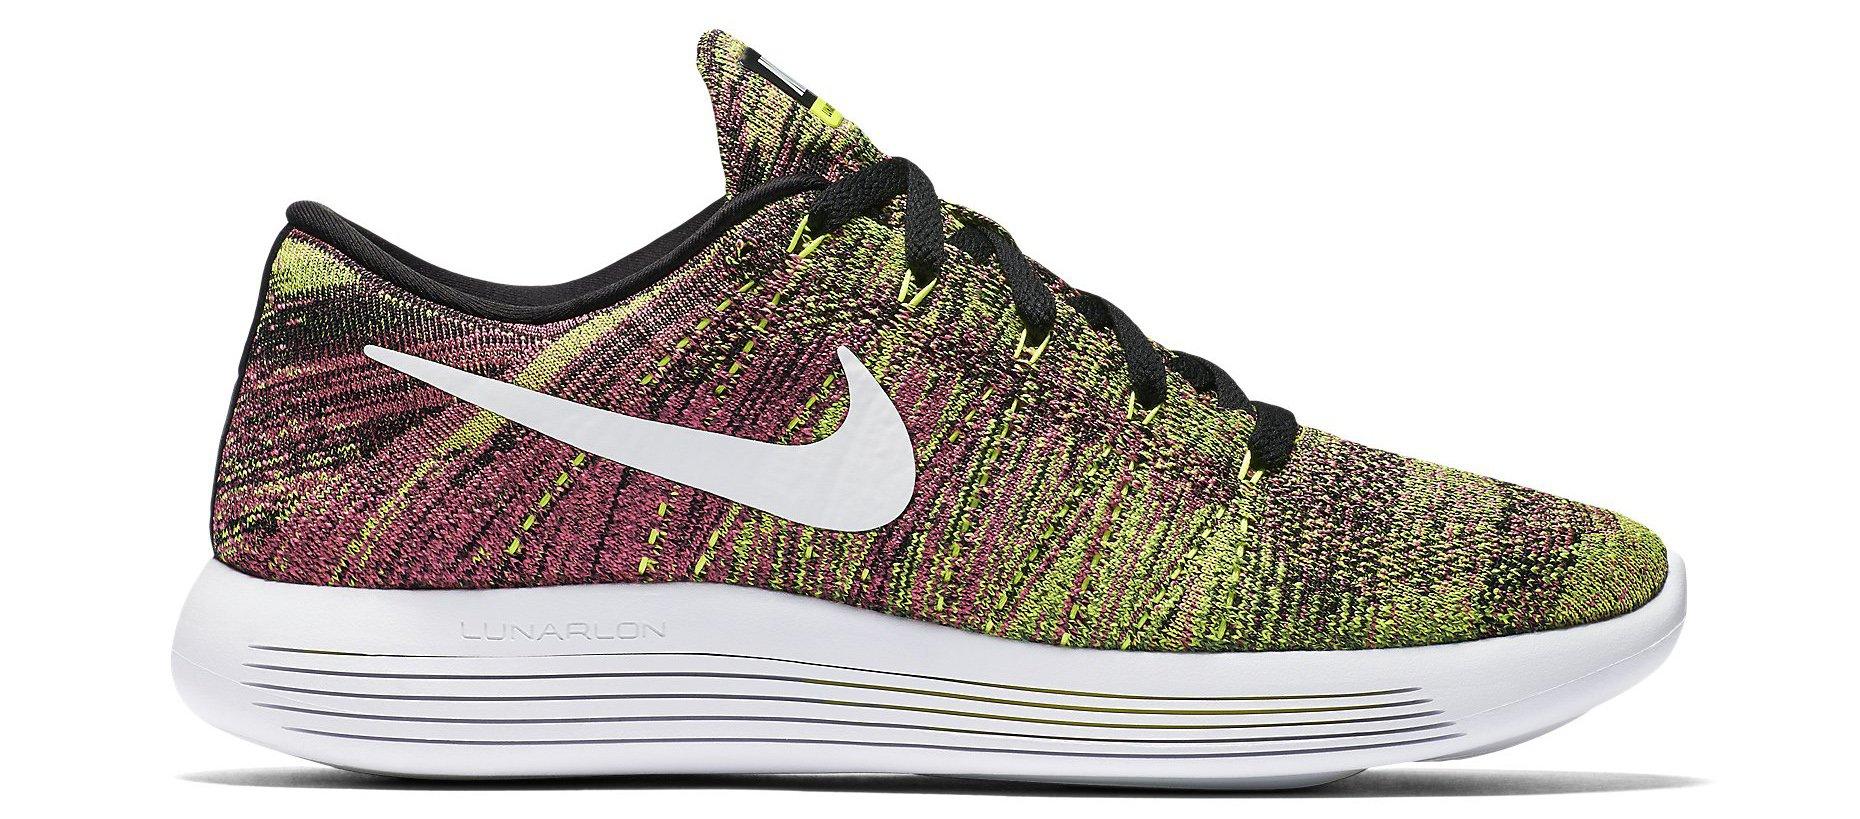 Běžecké boty Nike LunarEpic Low Flyknit OC